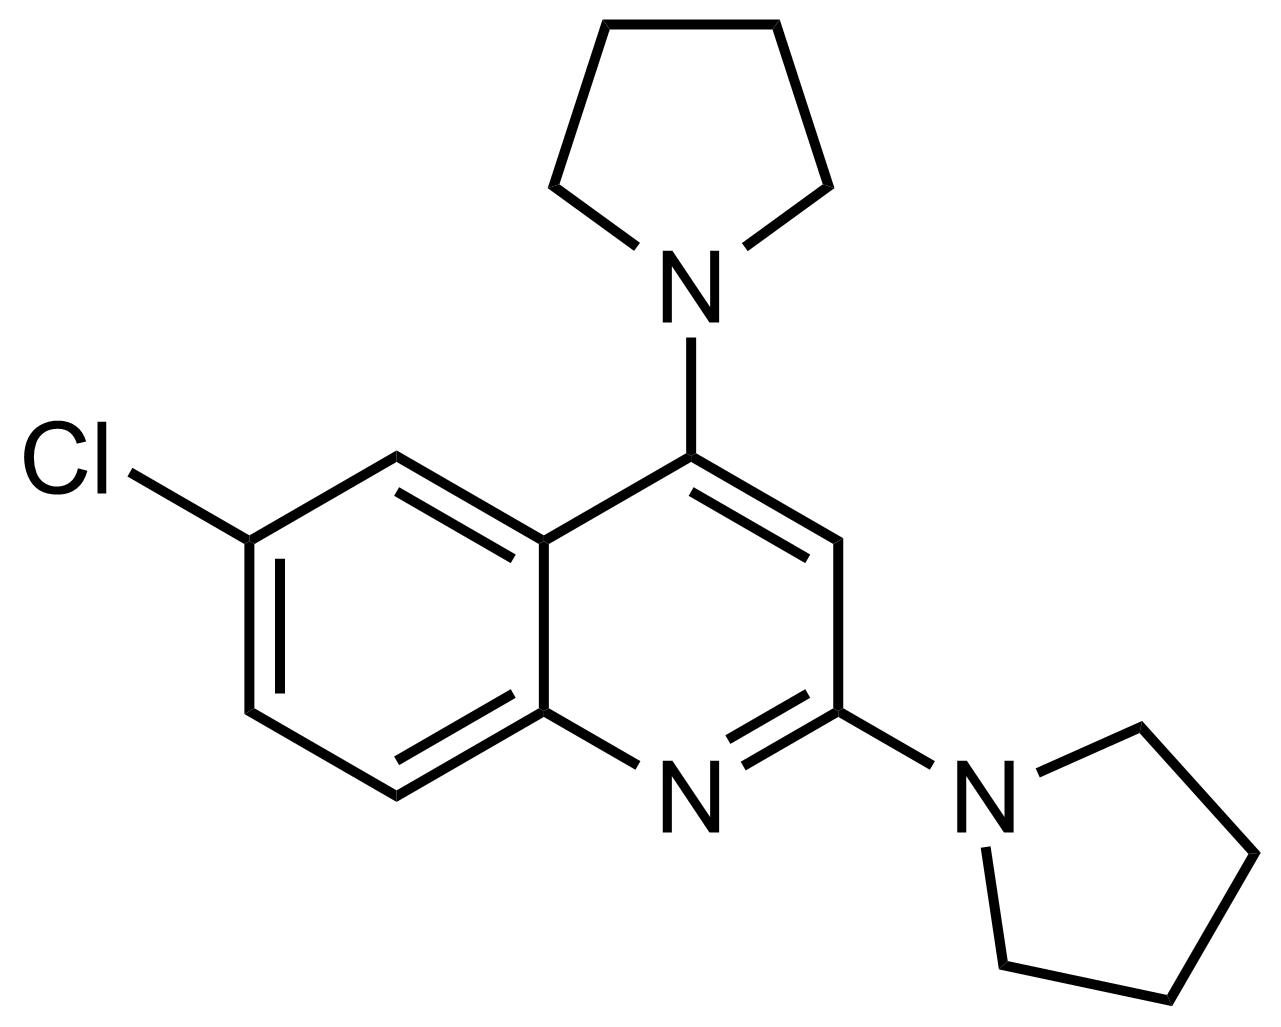 Structure of 6-Chloro-2,4-di(pyrrolidin-1-yl)quinoline